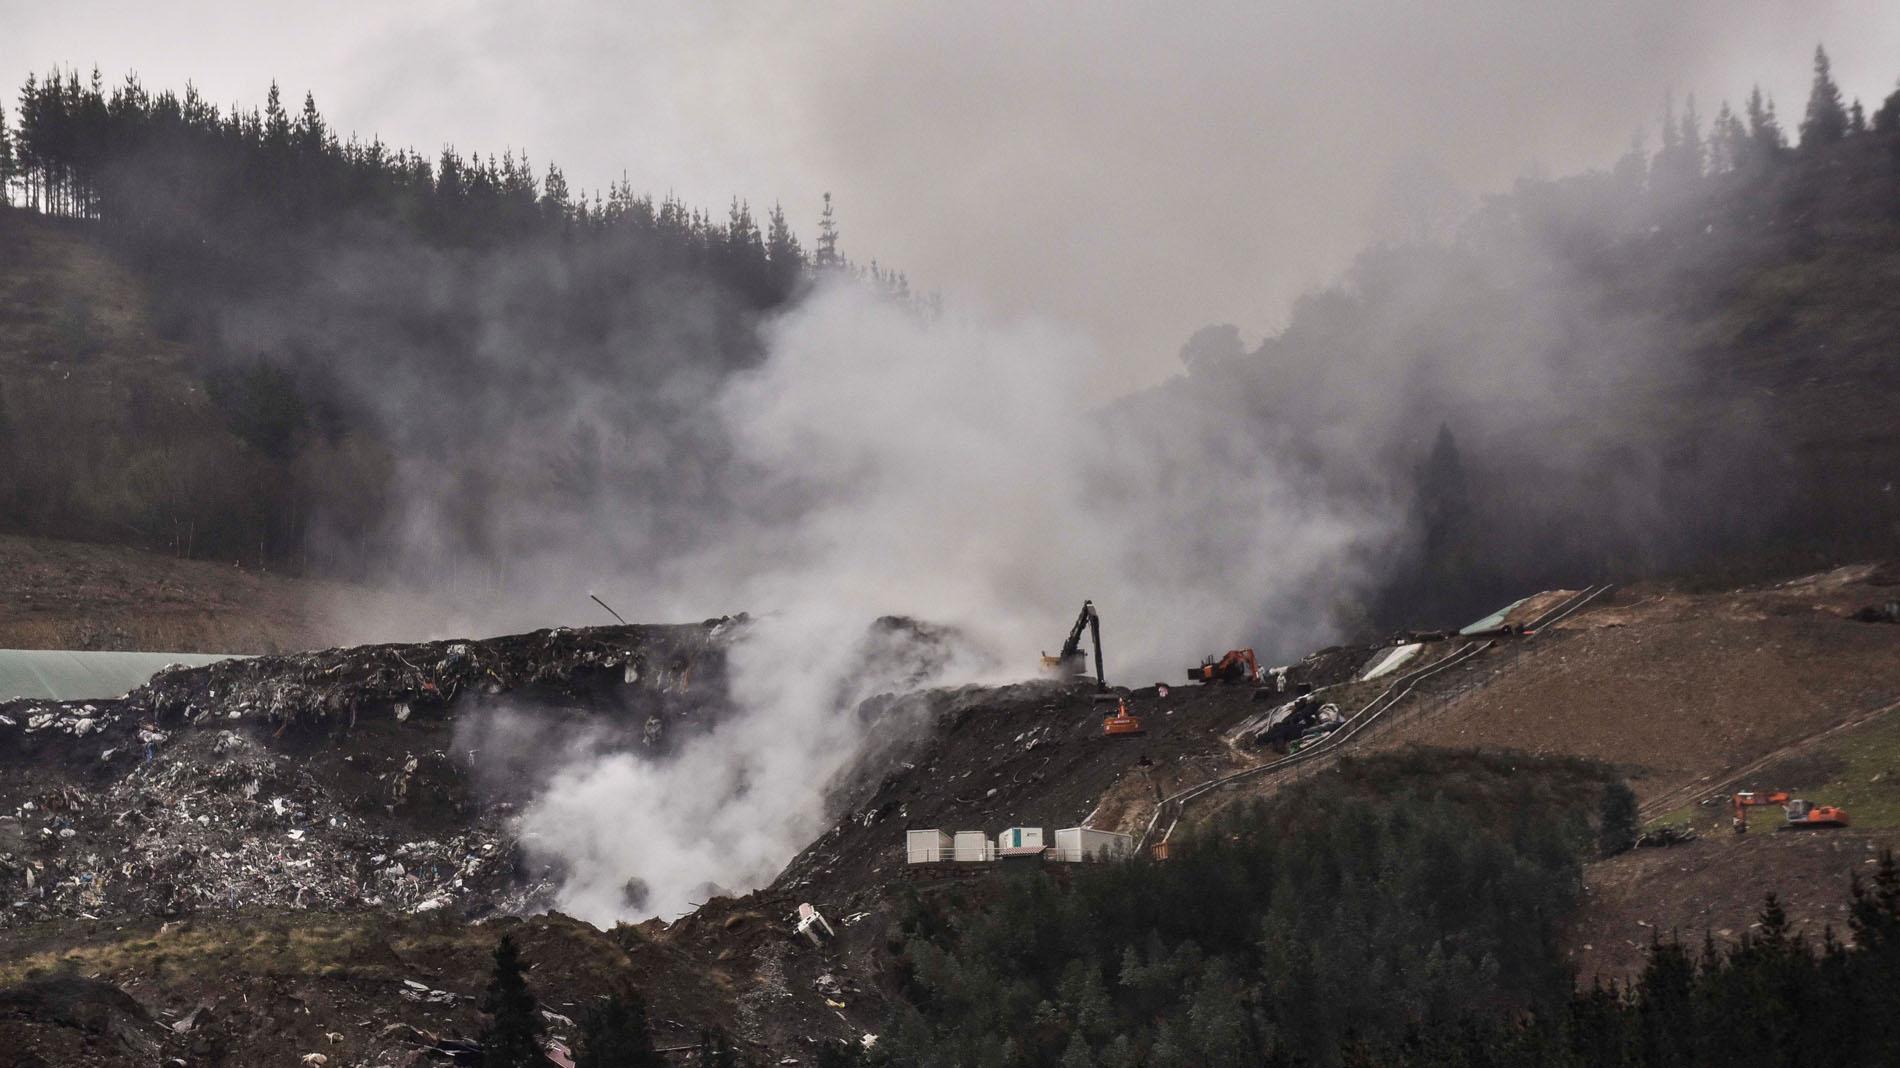 Derrumbe en Zaldibar: de accidente laboral a crisis medioambiental y política